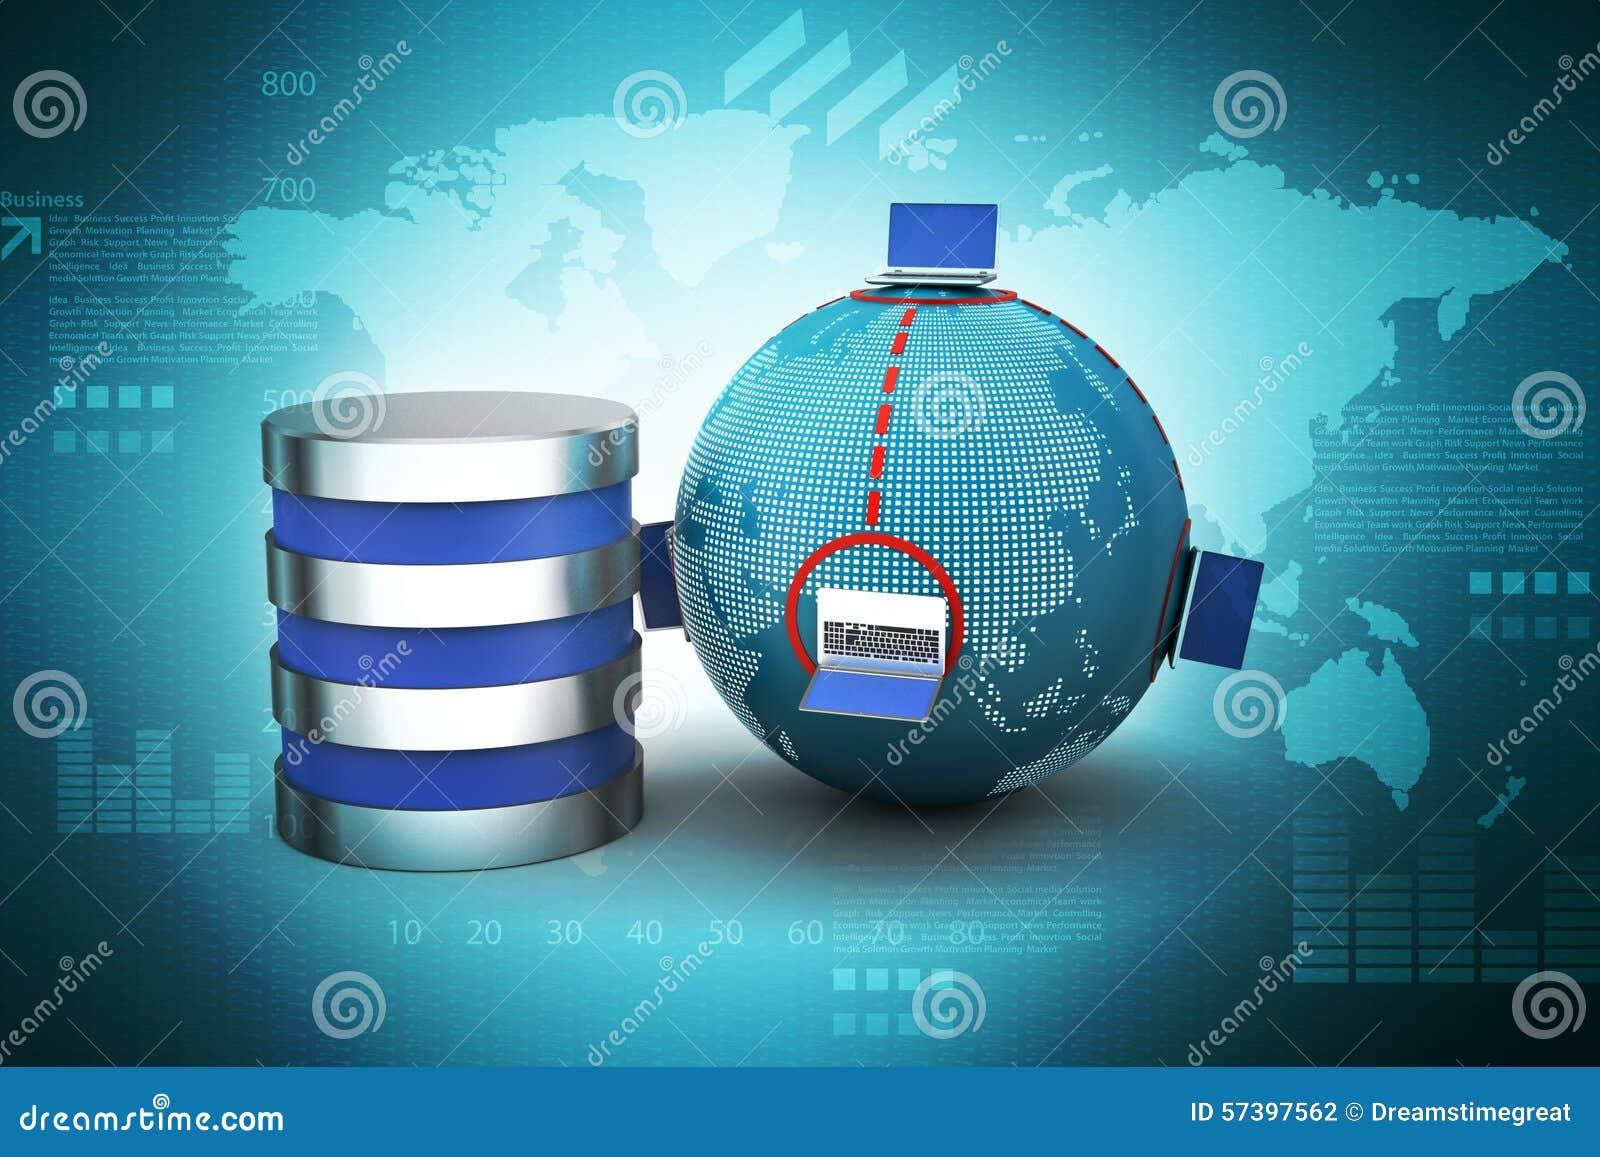 Globaal voorzien van een netwerkconcept